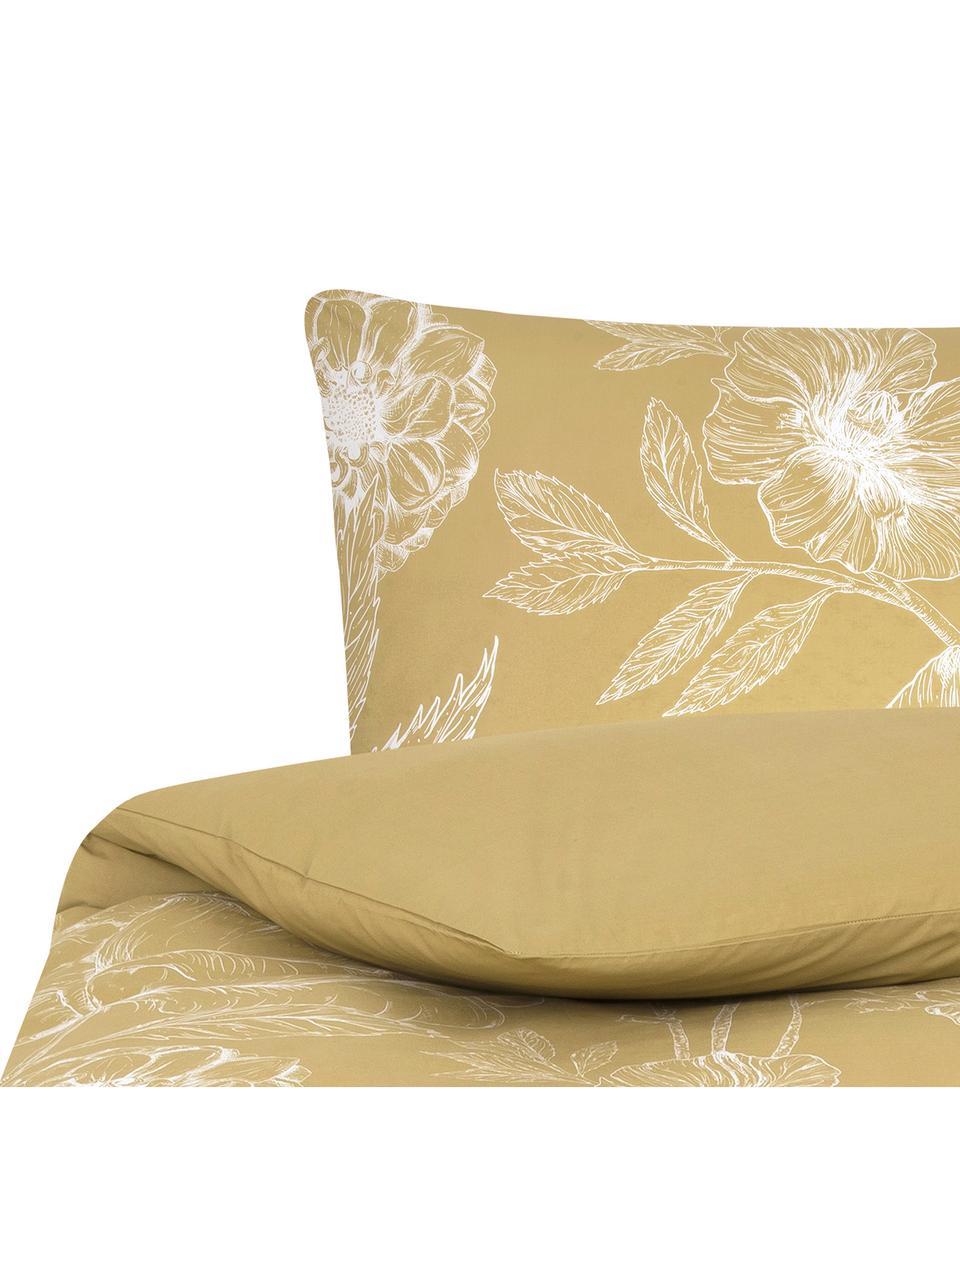 Baumwollperkal-Bettwäsche Keno mit Blumenprint, Webart: Perkal Fadendichte 180 TC, Senfgelb, Weiß, 240 x 220 cm + 2 Kissen 80 x 80 cm